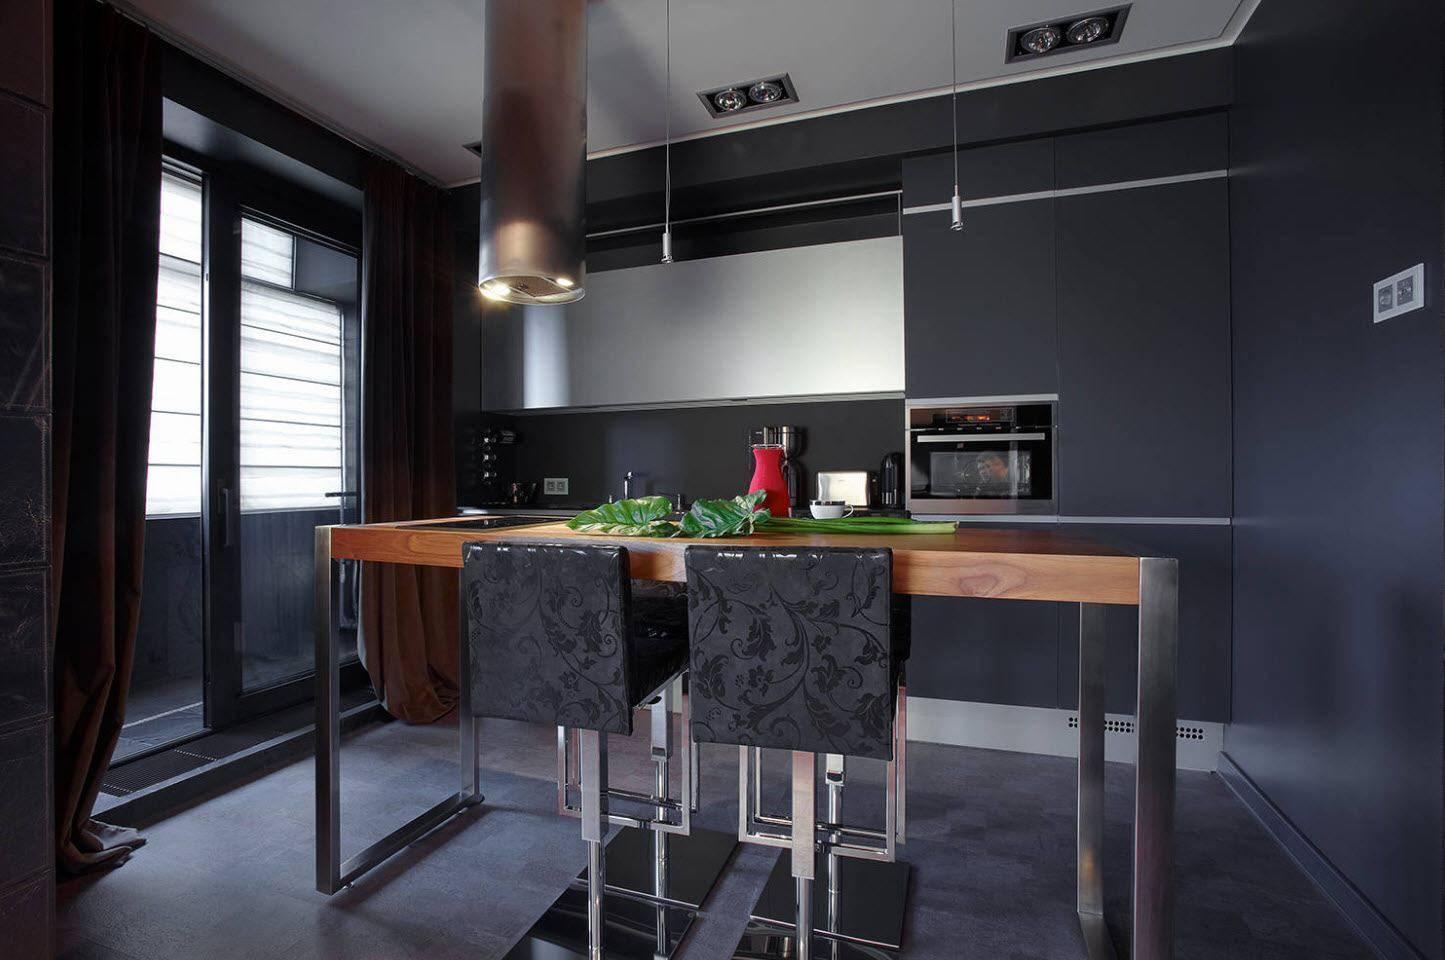 Популярные идеи интерьера кухни в стиле хай-тек